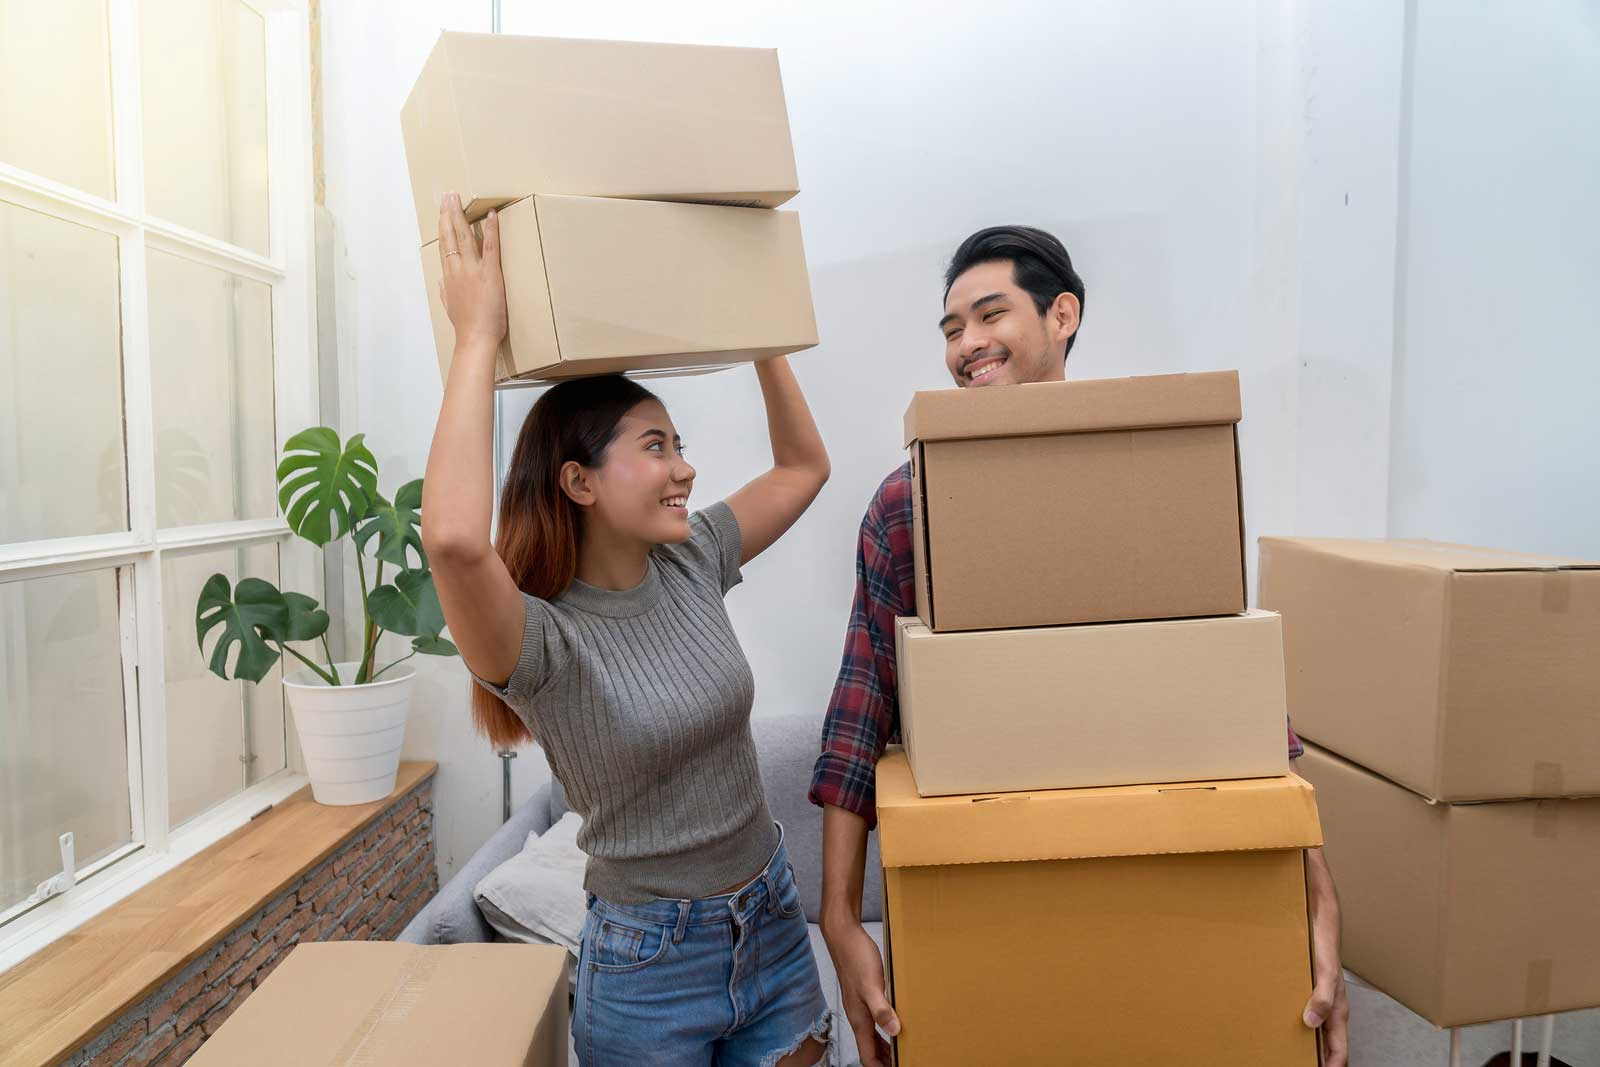 Un jeune couple emballe des boîtes avant de les mettre en entrepôt